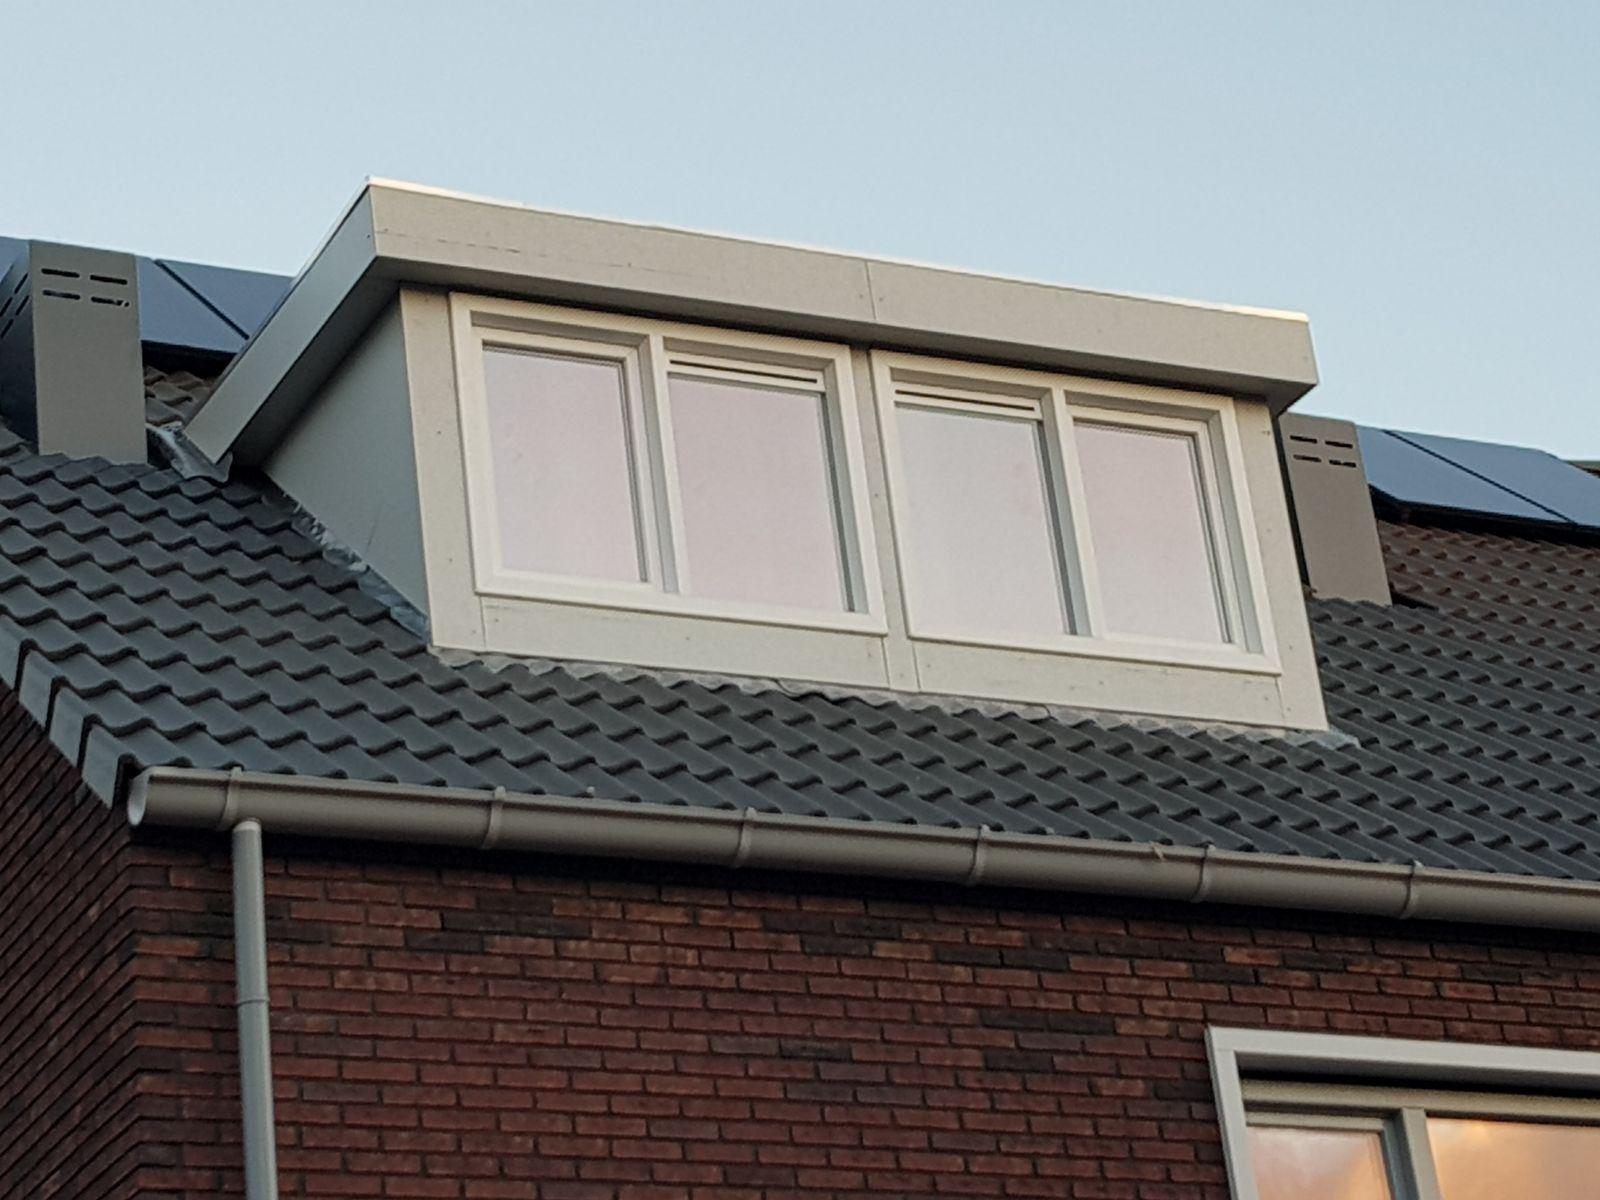 Eerste dakkapel nieuwbouw project Rotterdam ijsselmonde